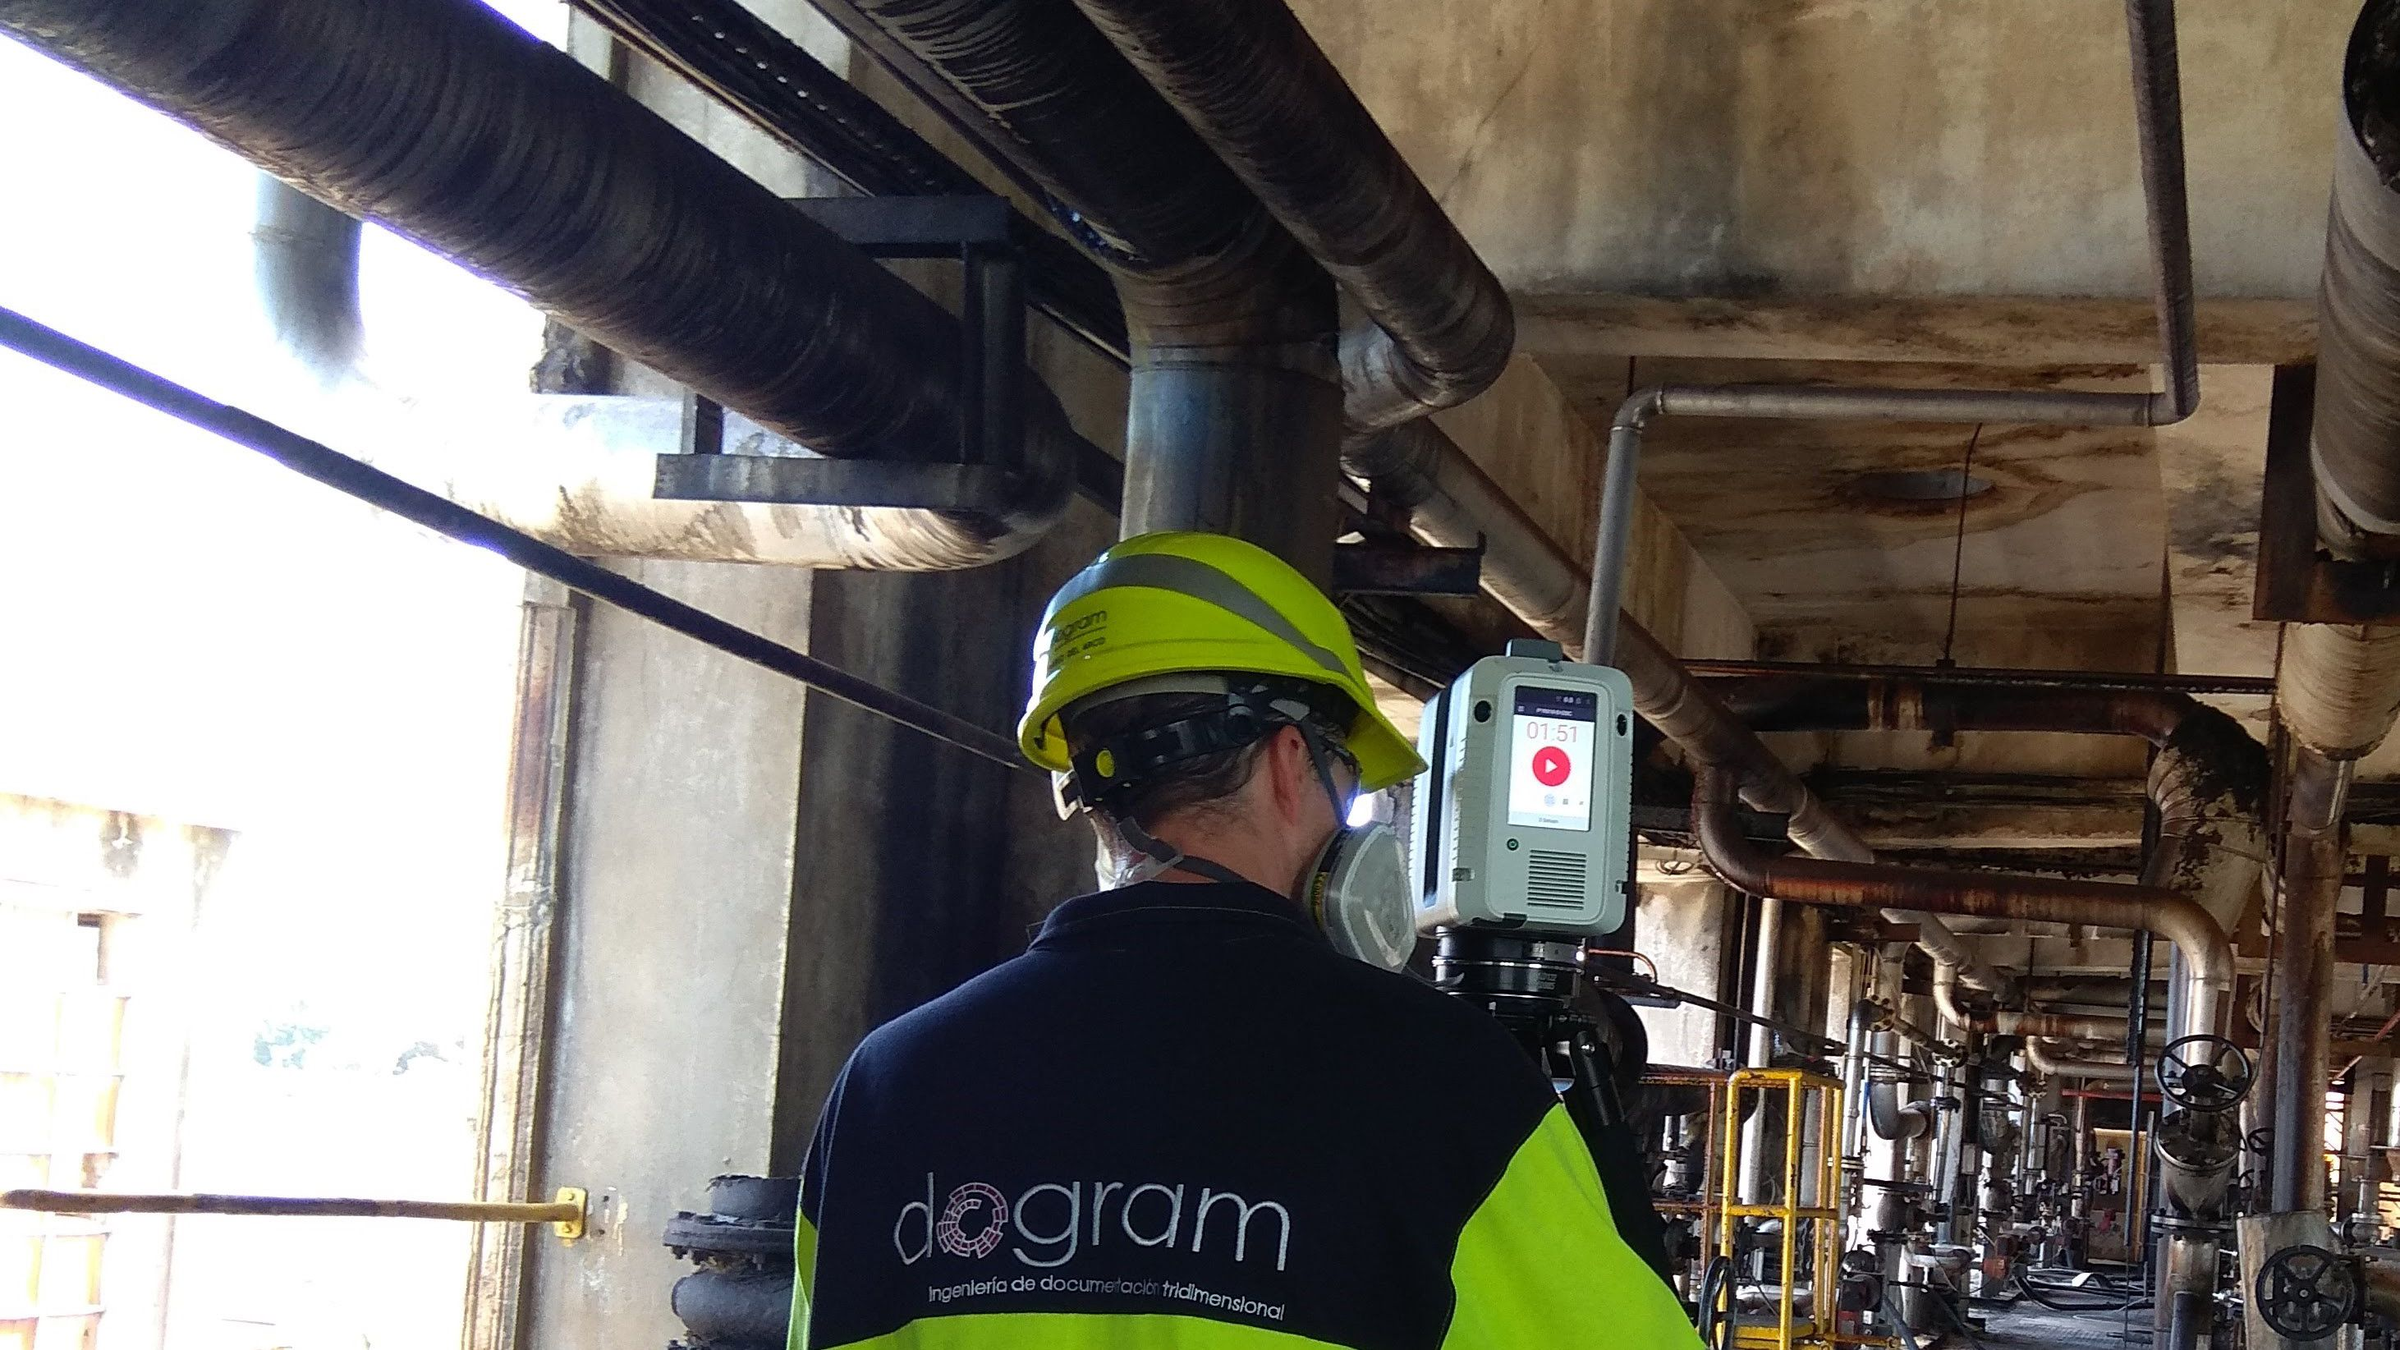 Realización de una digitalización 3D de una instalación industrial con escáner láser